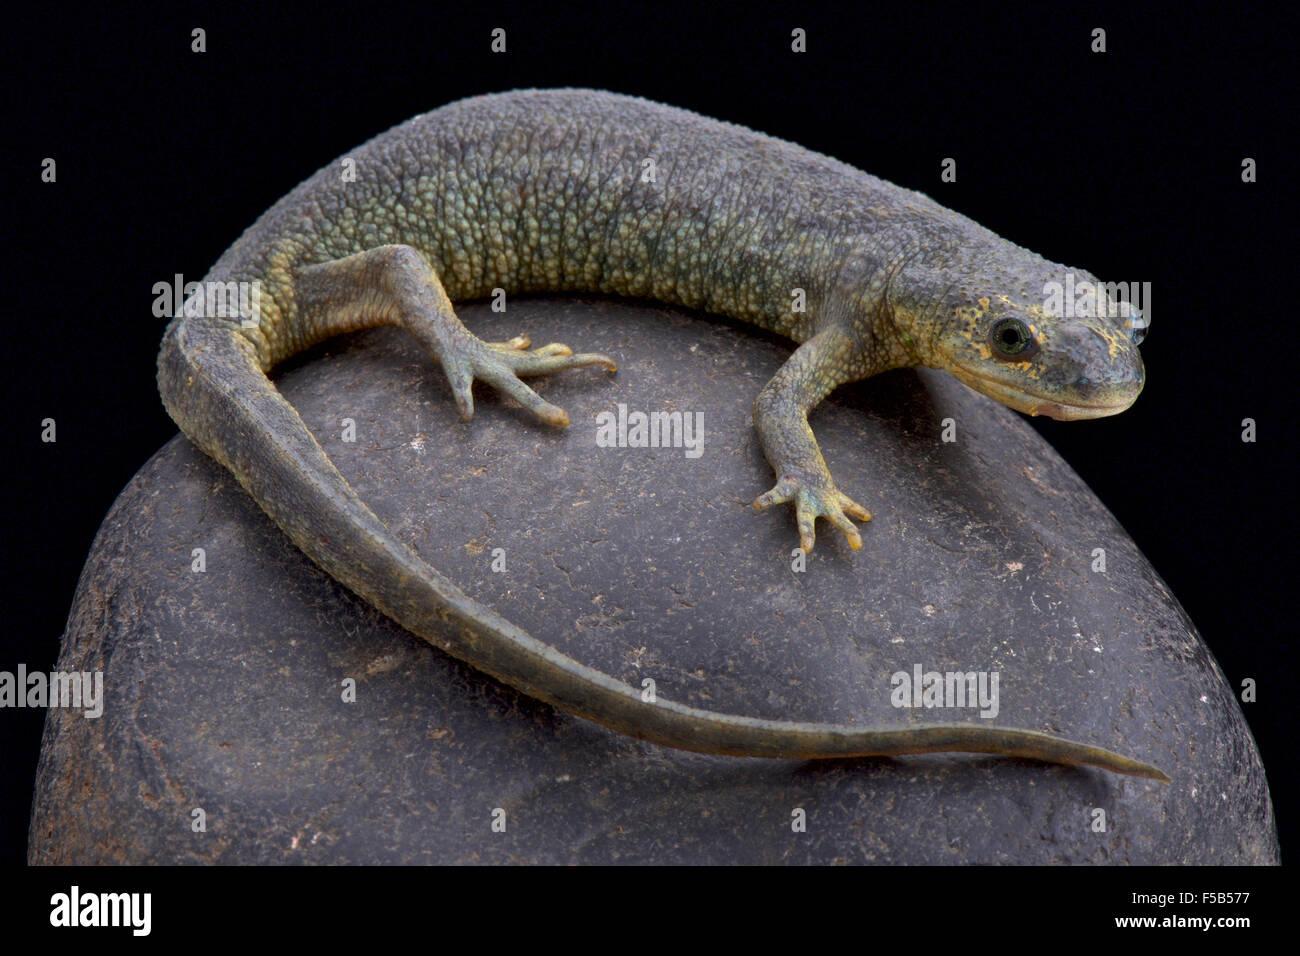 Coste algerine newt (Pleurodeles nebulosus) Immagini Stock